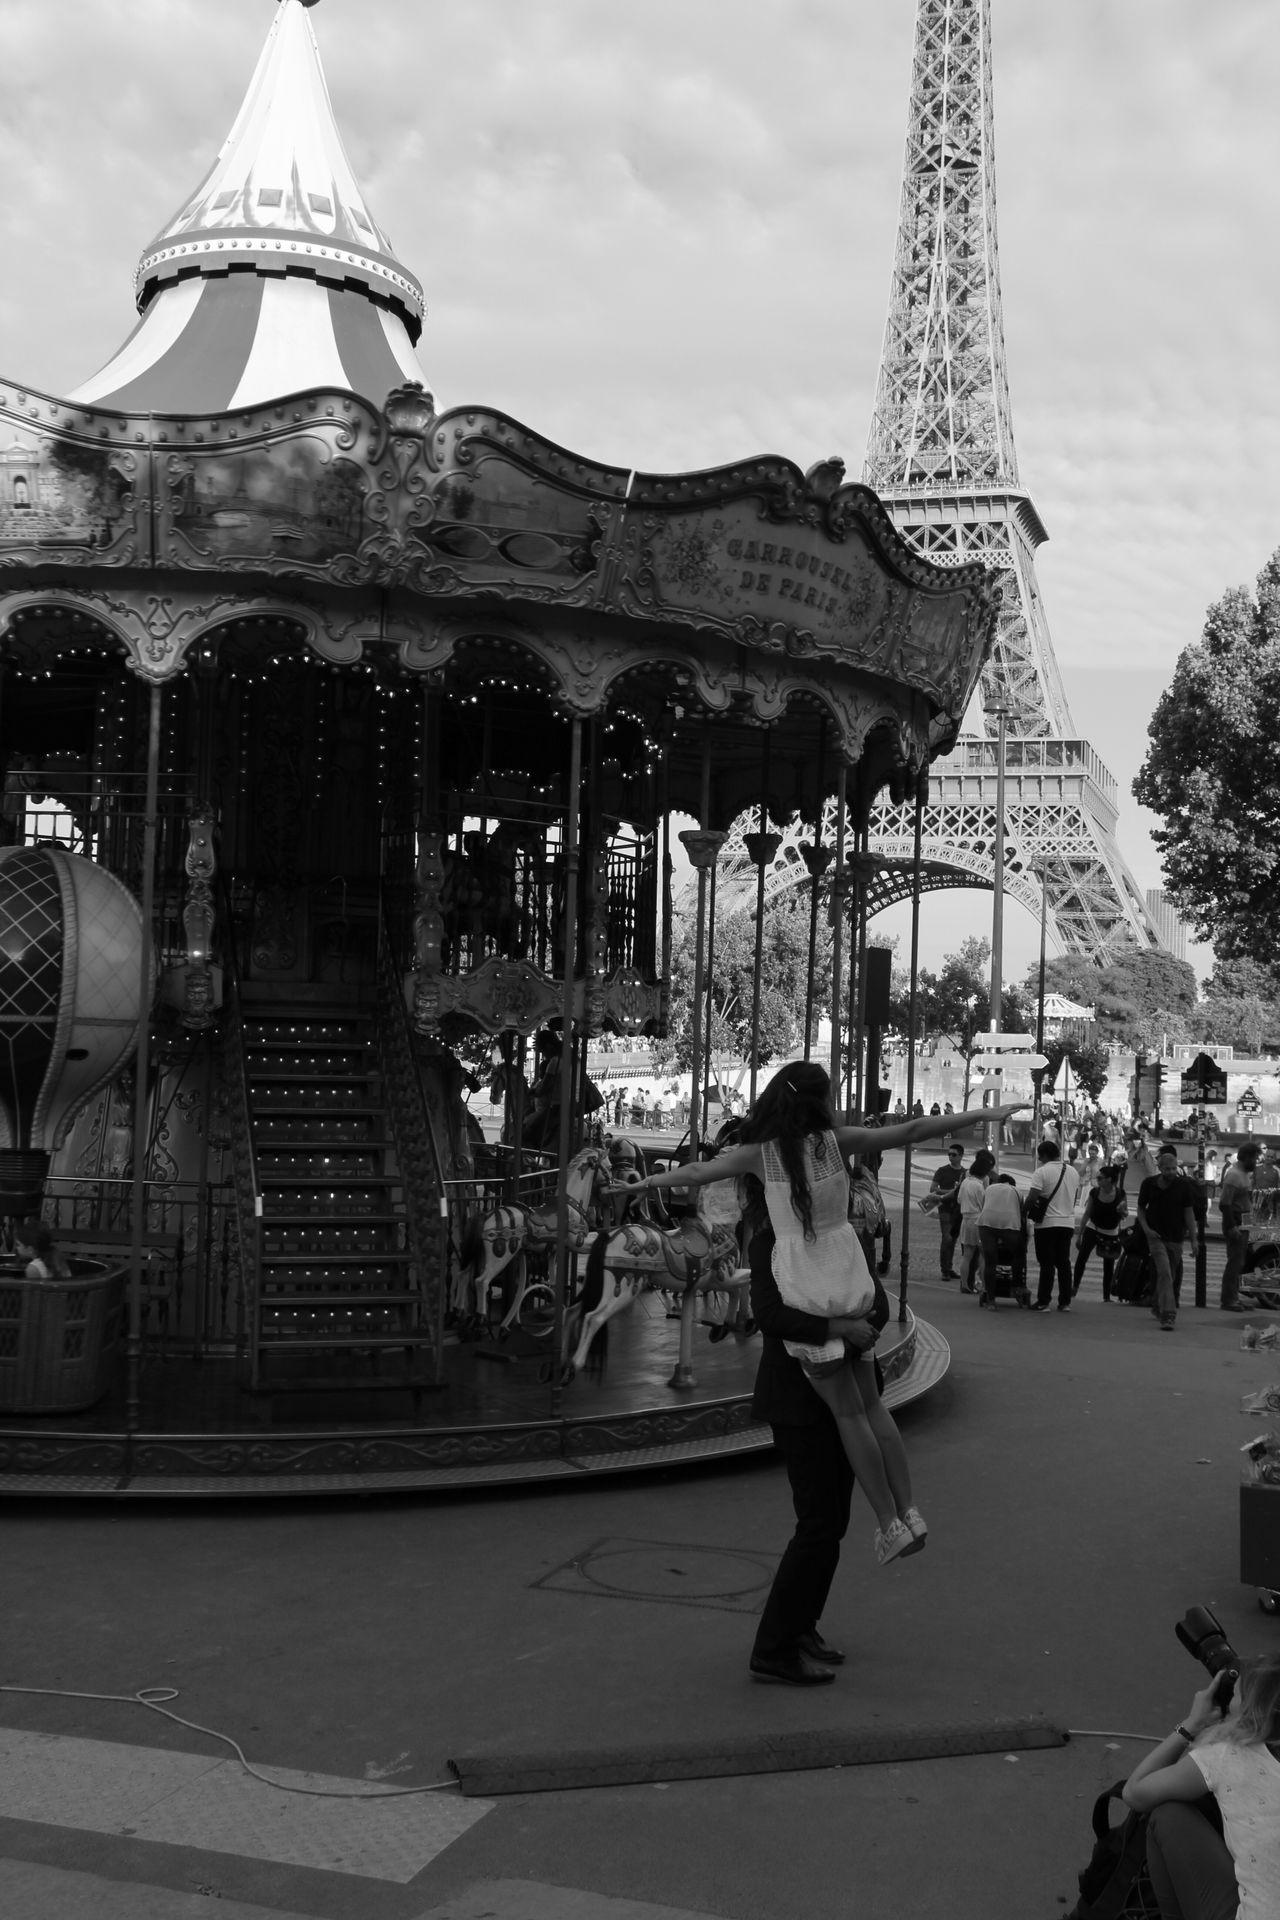 Paris ❤ La Tour Eiffel Capture Moment Popular Photos Romantic❤ Amoureux  Amoureux ❤️ EyeEm Best Shots The Moment - 2015 EyeEm Awards